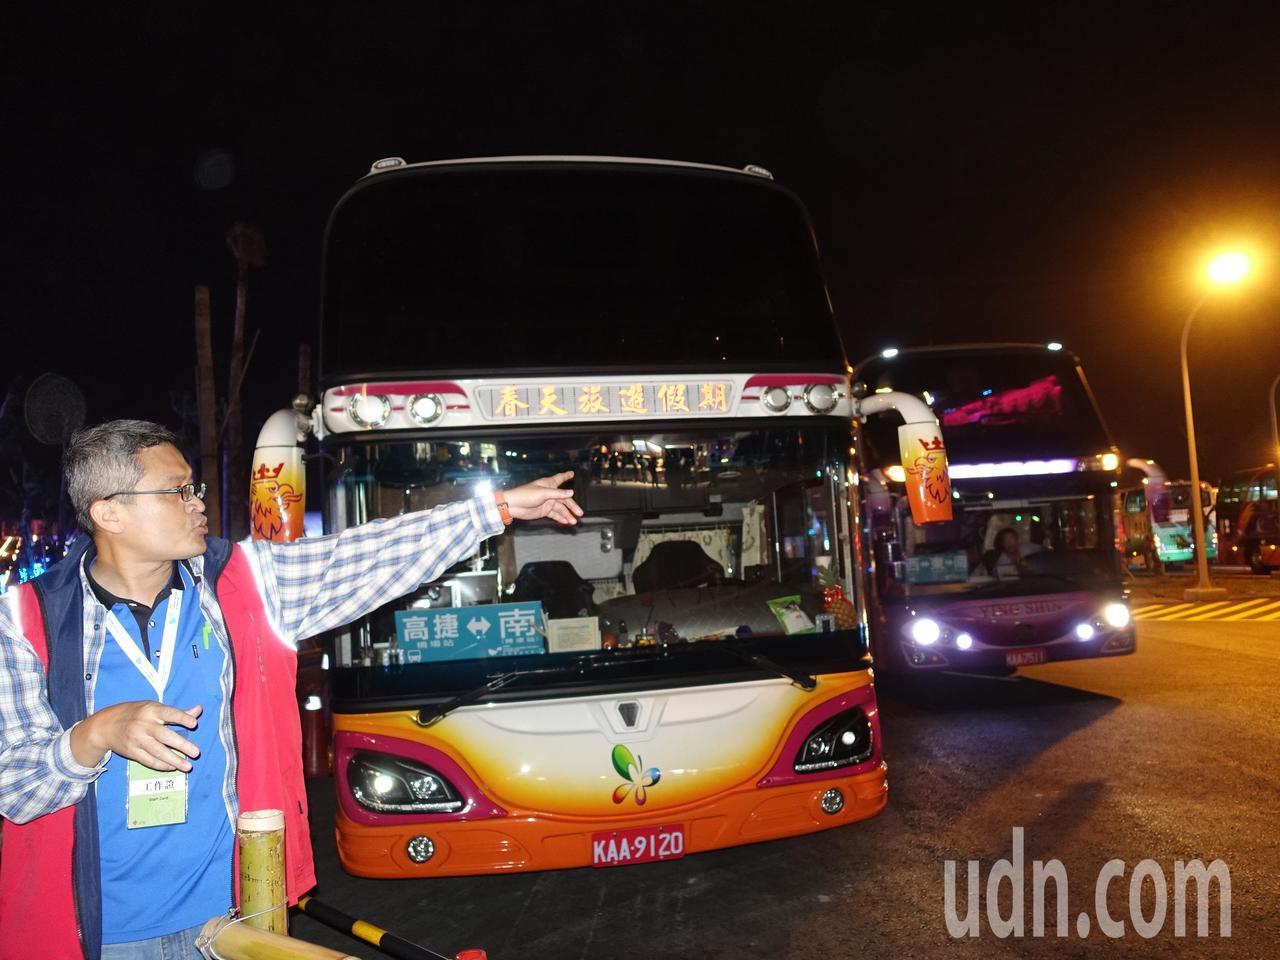 屏東縣政府調度了近700輛遊覽車因應接駁。記者翁禎霞/攝影